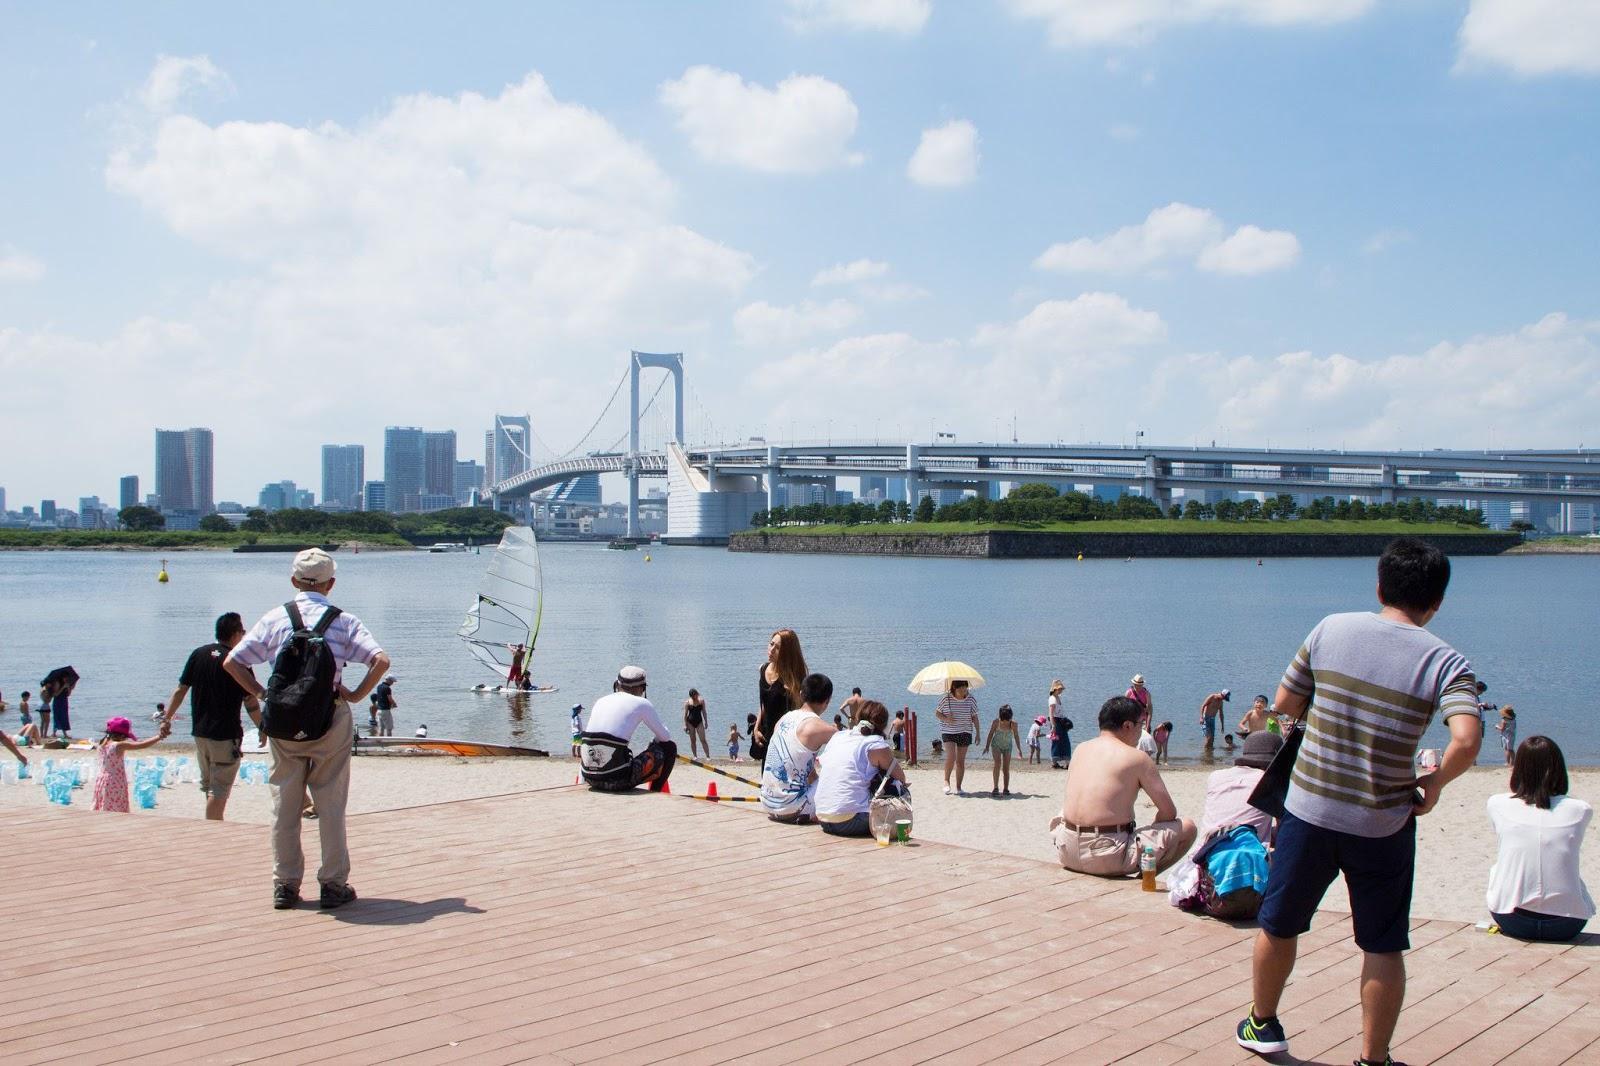 東京オリンピック会場お台場の水質が大腸菌だらけ(海外の反応)